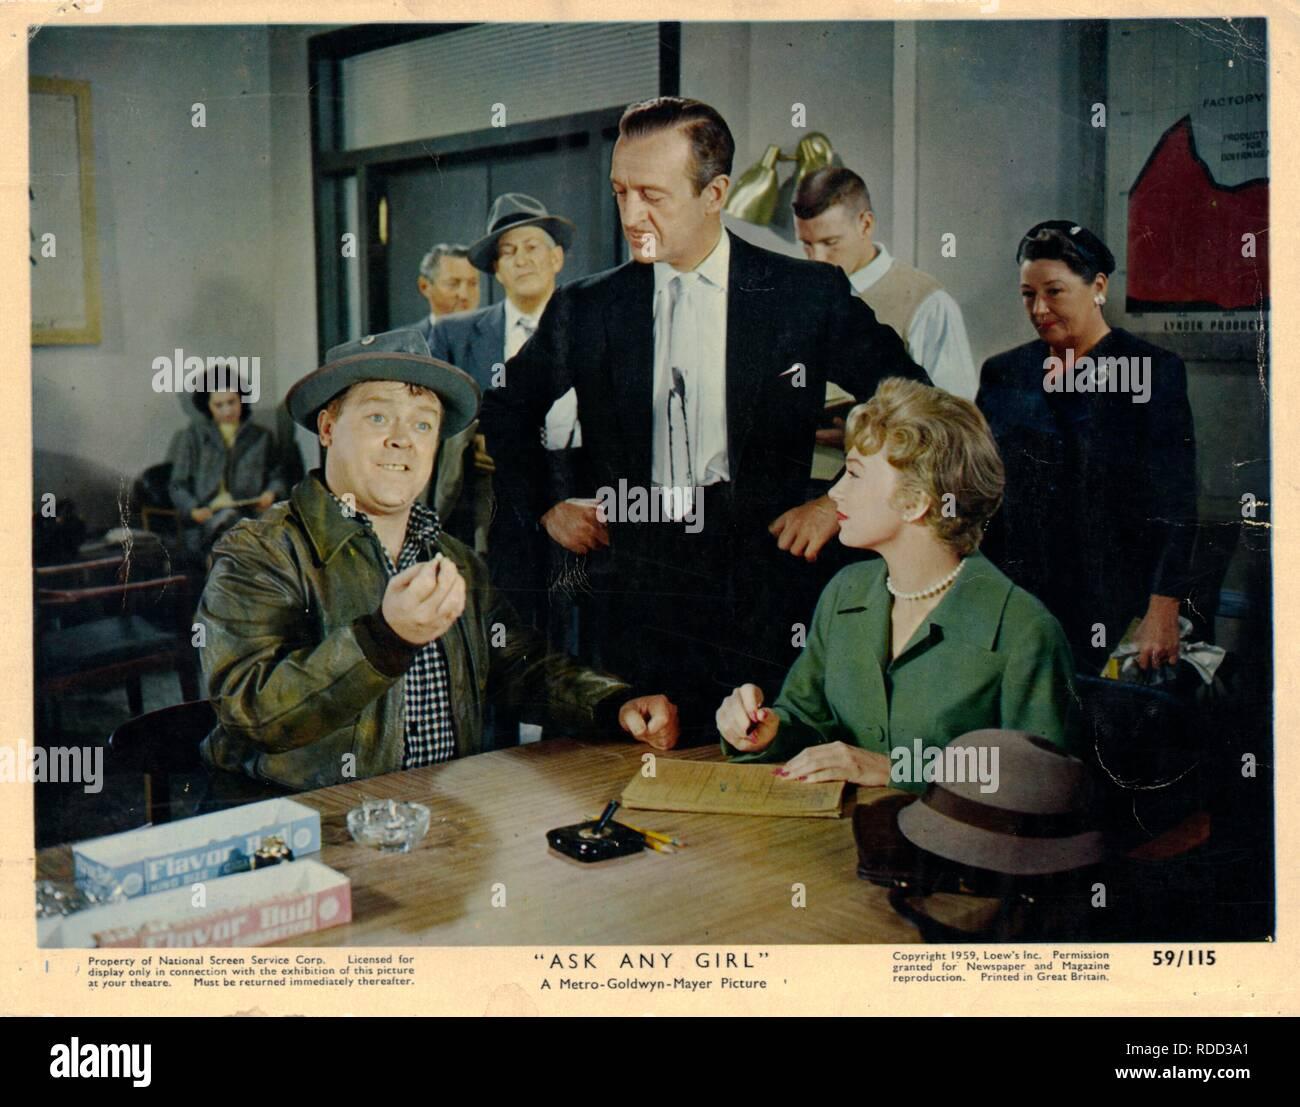 ASK ANY GIRL (1959) MICKEY SHAUGNESSY DAVID NIVEN SHIRLEY